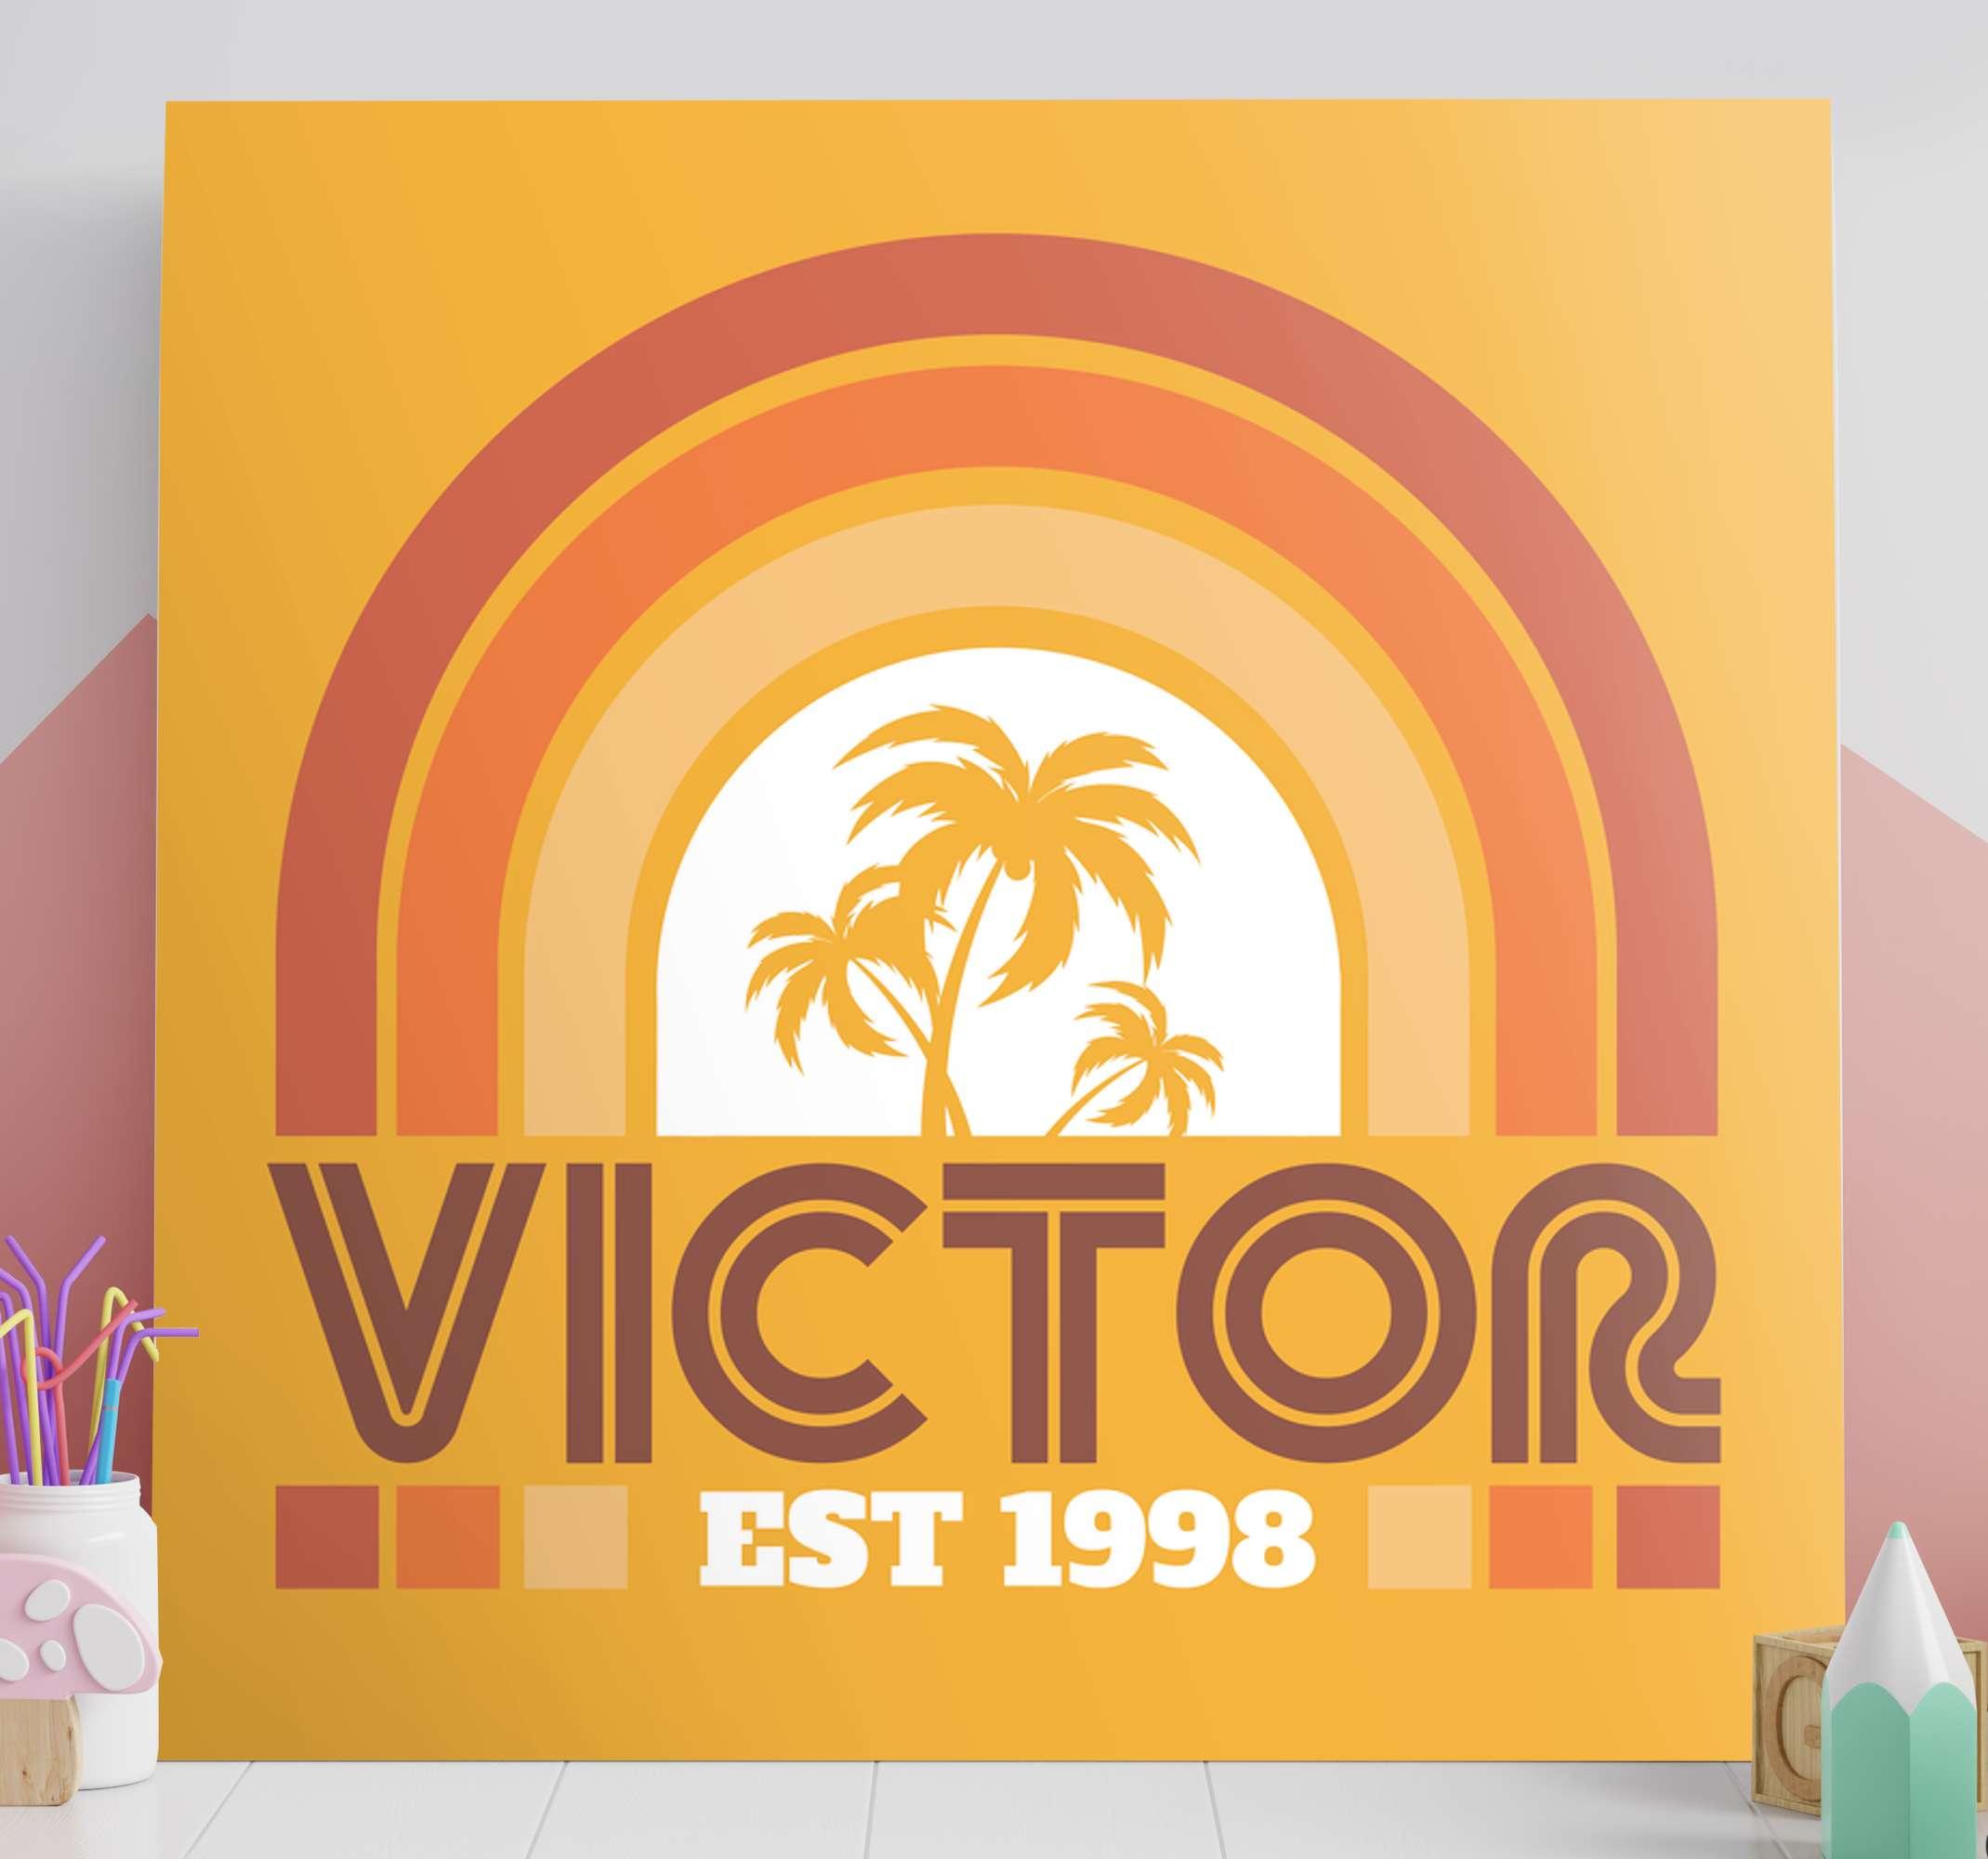 TenStickers. ретро закат и пальмы картины на холсте 70-х. ретро закат и пальмы 70-х принты на холсте. холст можно персонализировать с вашим собственным текстом, и он прекрасно украсит любое пространство по выбору.